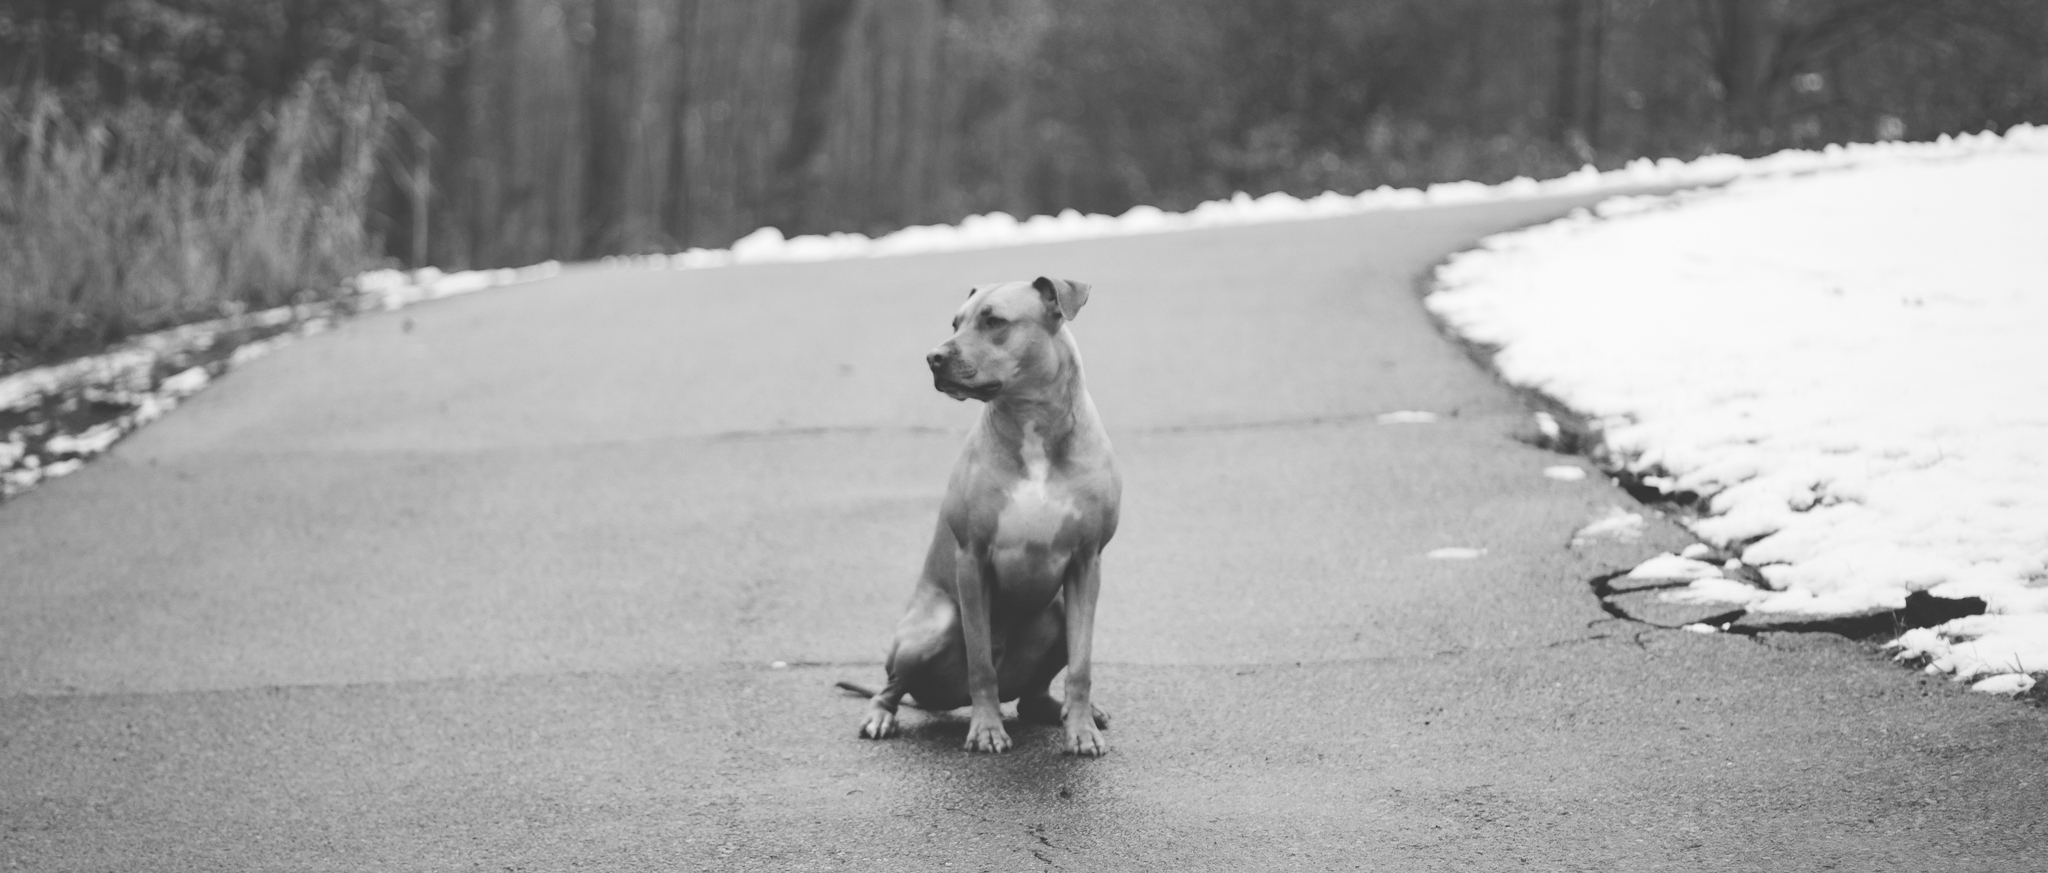 Black and white dog on street. Madison WI dog training